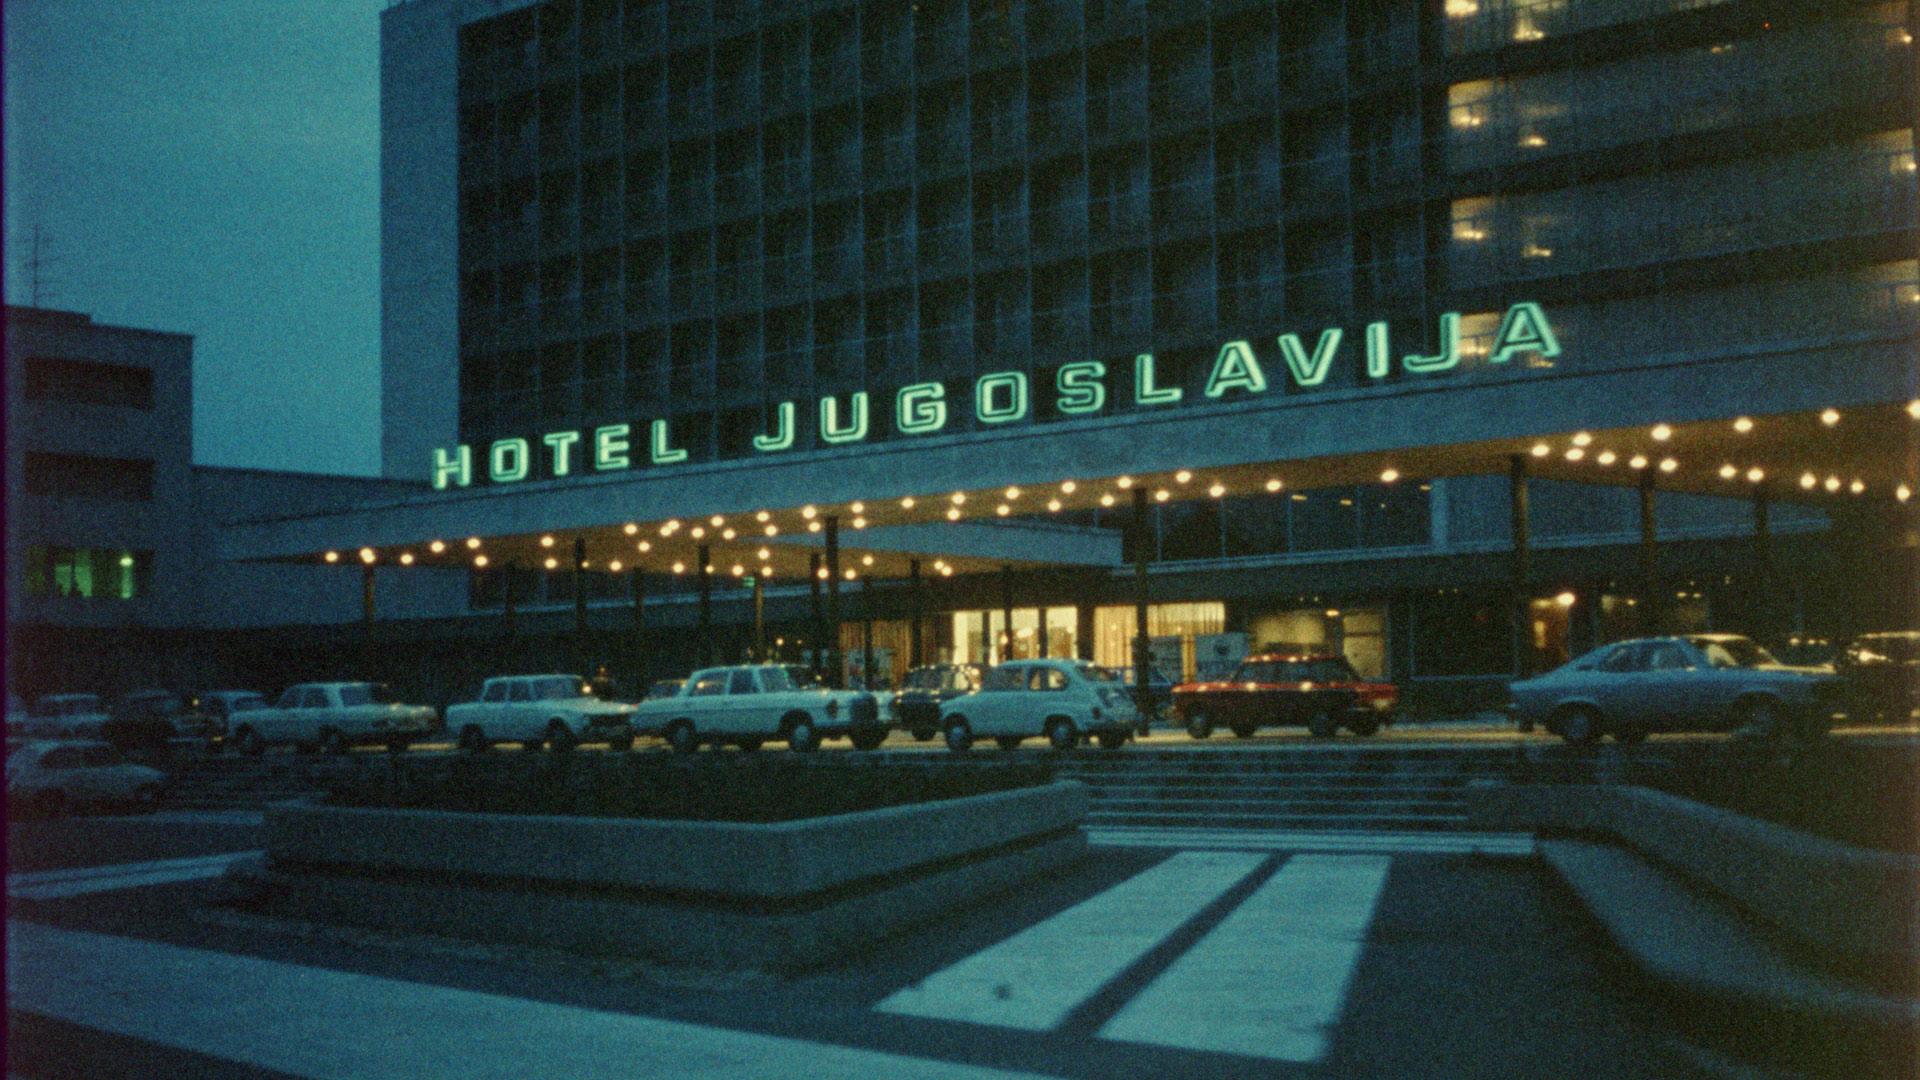 hotel jugoslavija 1